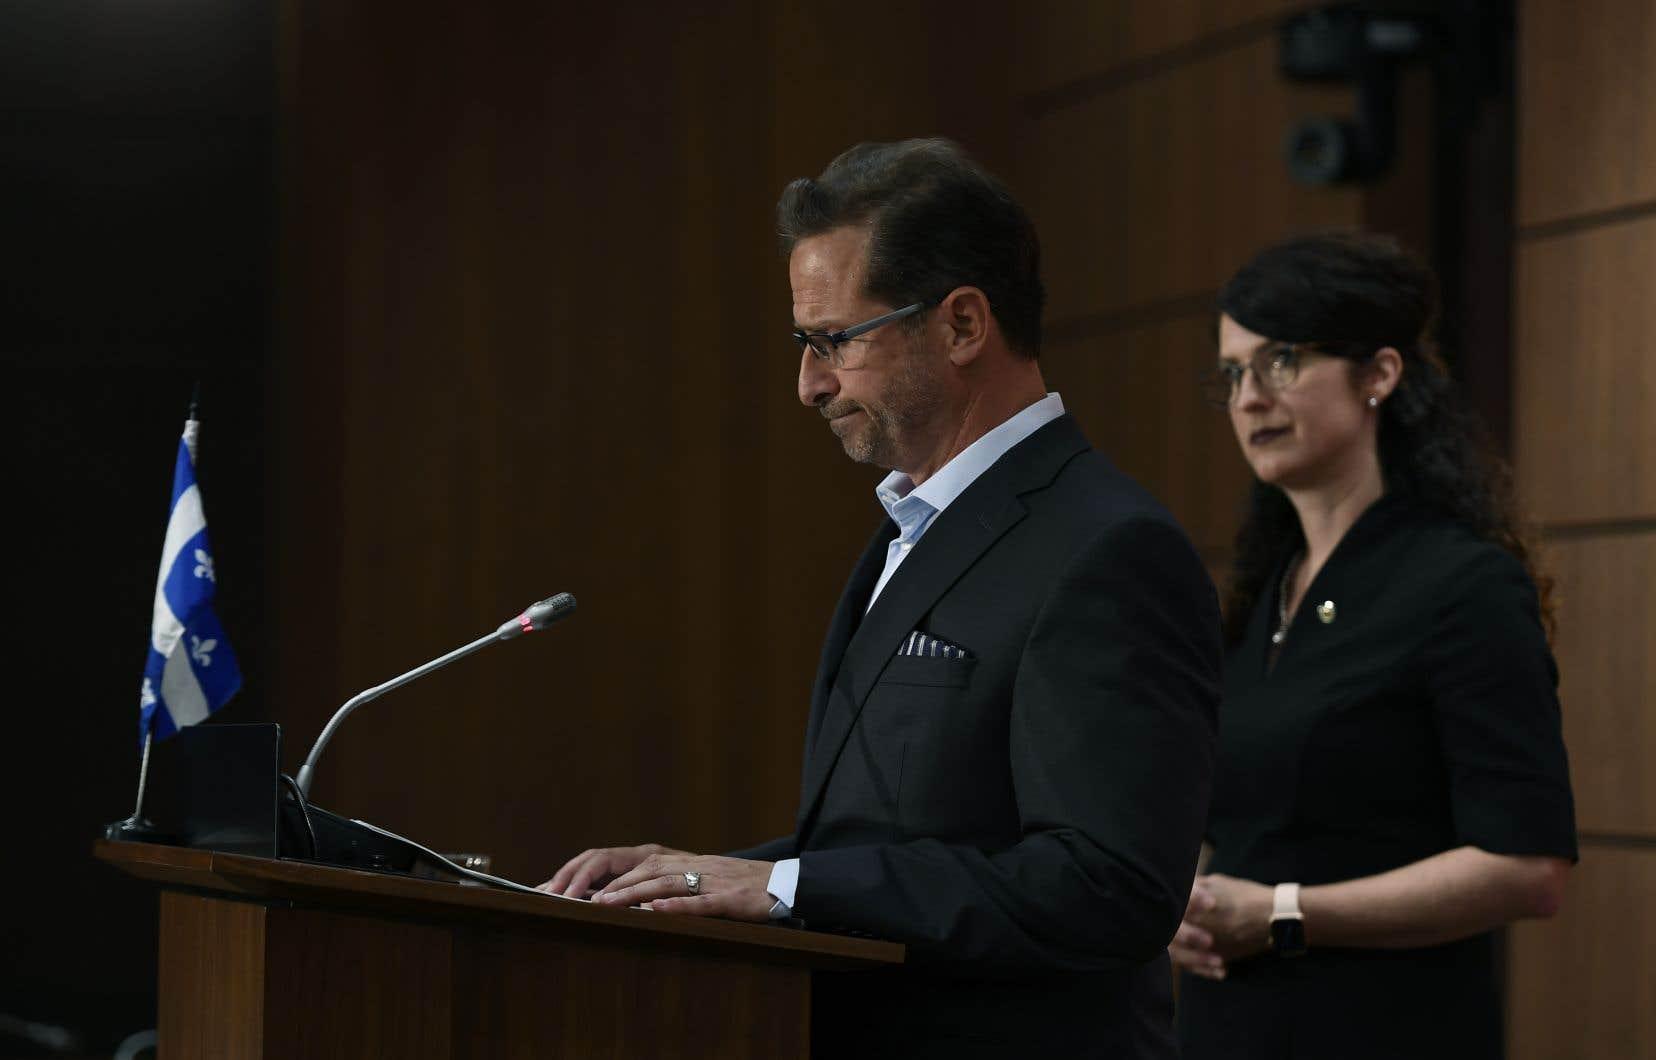 Le chef du Bloc québécois, Yves-François Blanchet, a affirmé avoir toujours eu un comportement «irréprochable» à l'endroit des femmes.